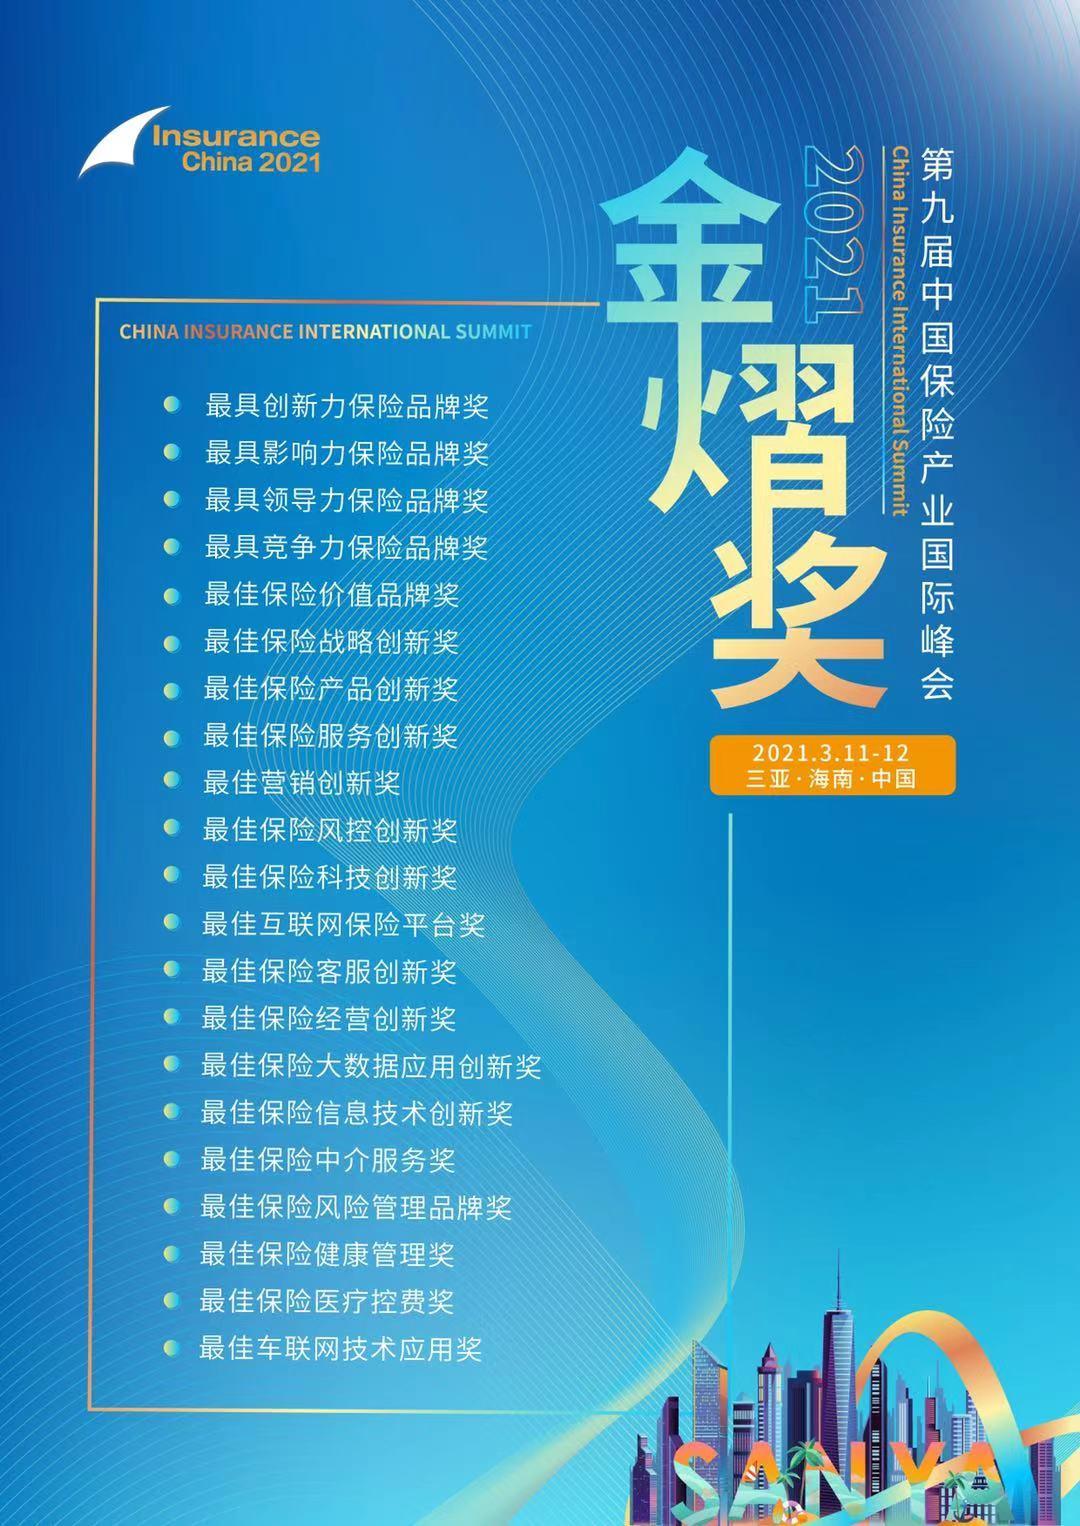 2021(第九届)中国保险产业国际峰会